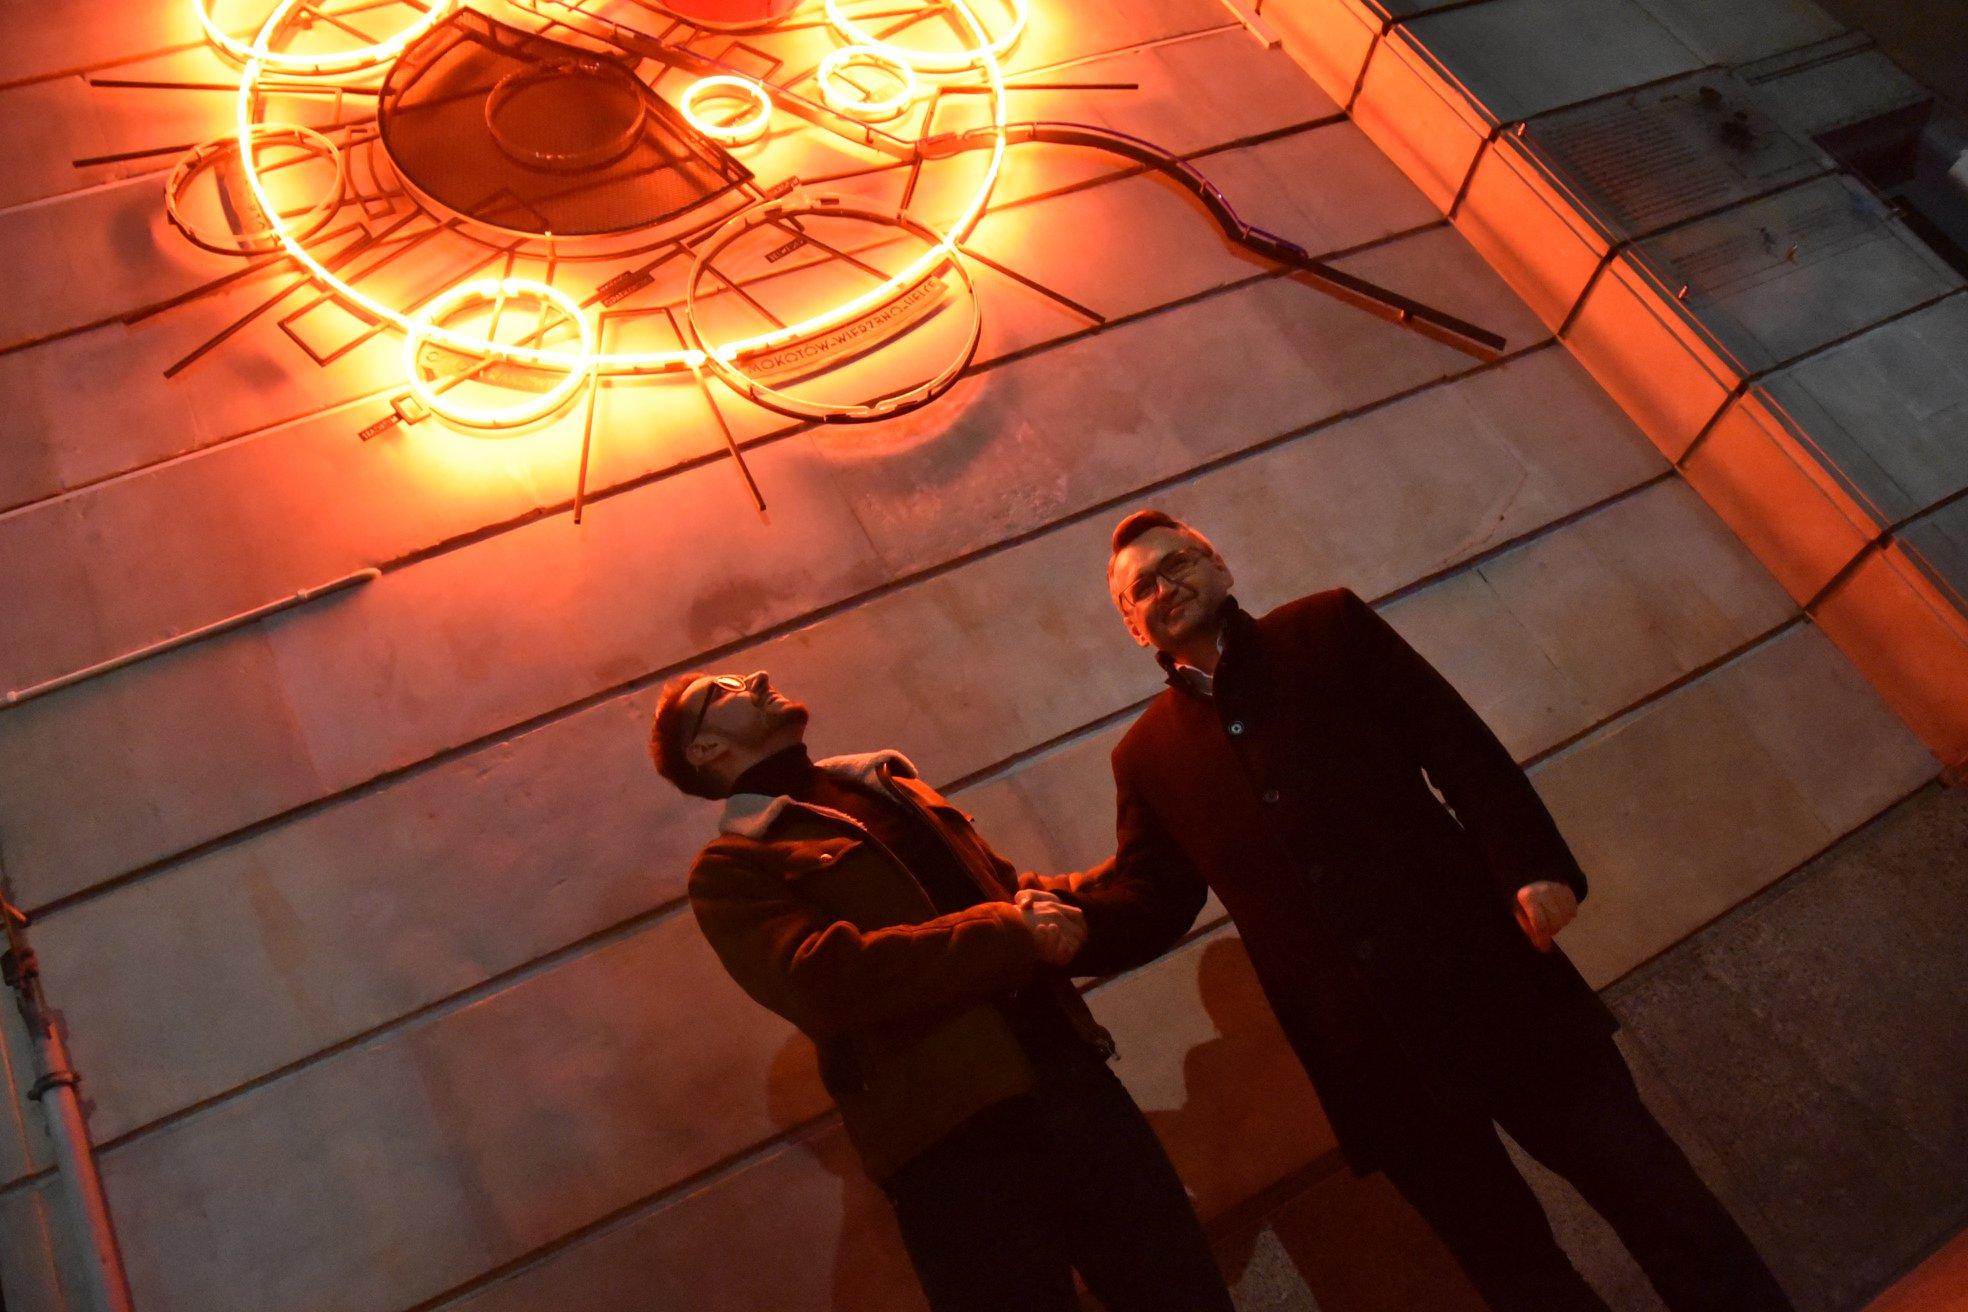 Neon ten stanowi pomost pomiędzy przeszłością naszego miasta oraz jego przyszłością - podkreślił burmistrz Warszawy Śródmieścia Krzysztof Czubaszek (fot.facebook.com/dz.srodmiescie)